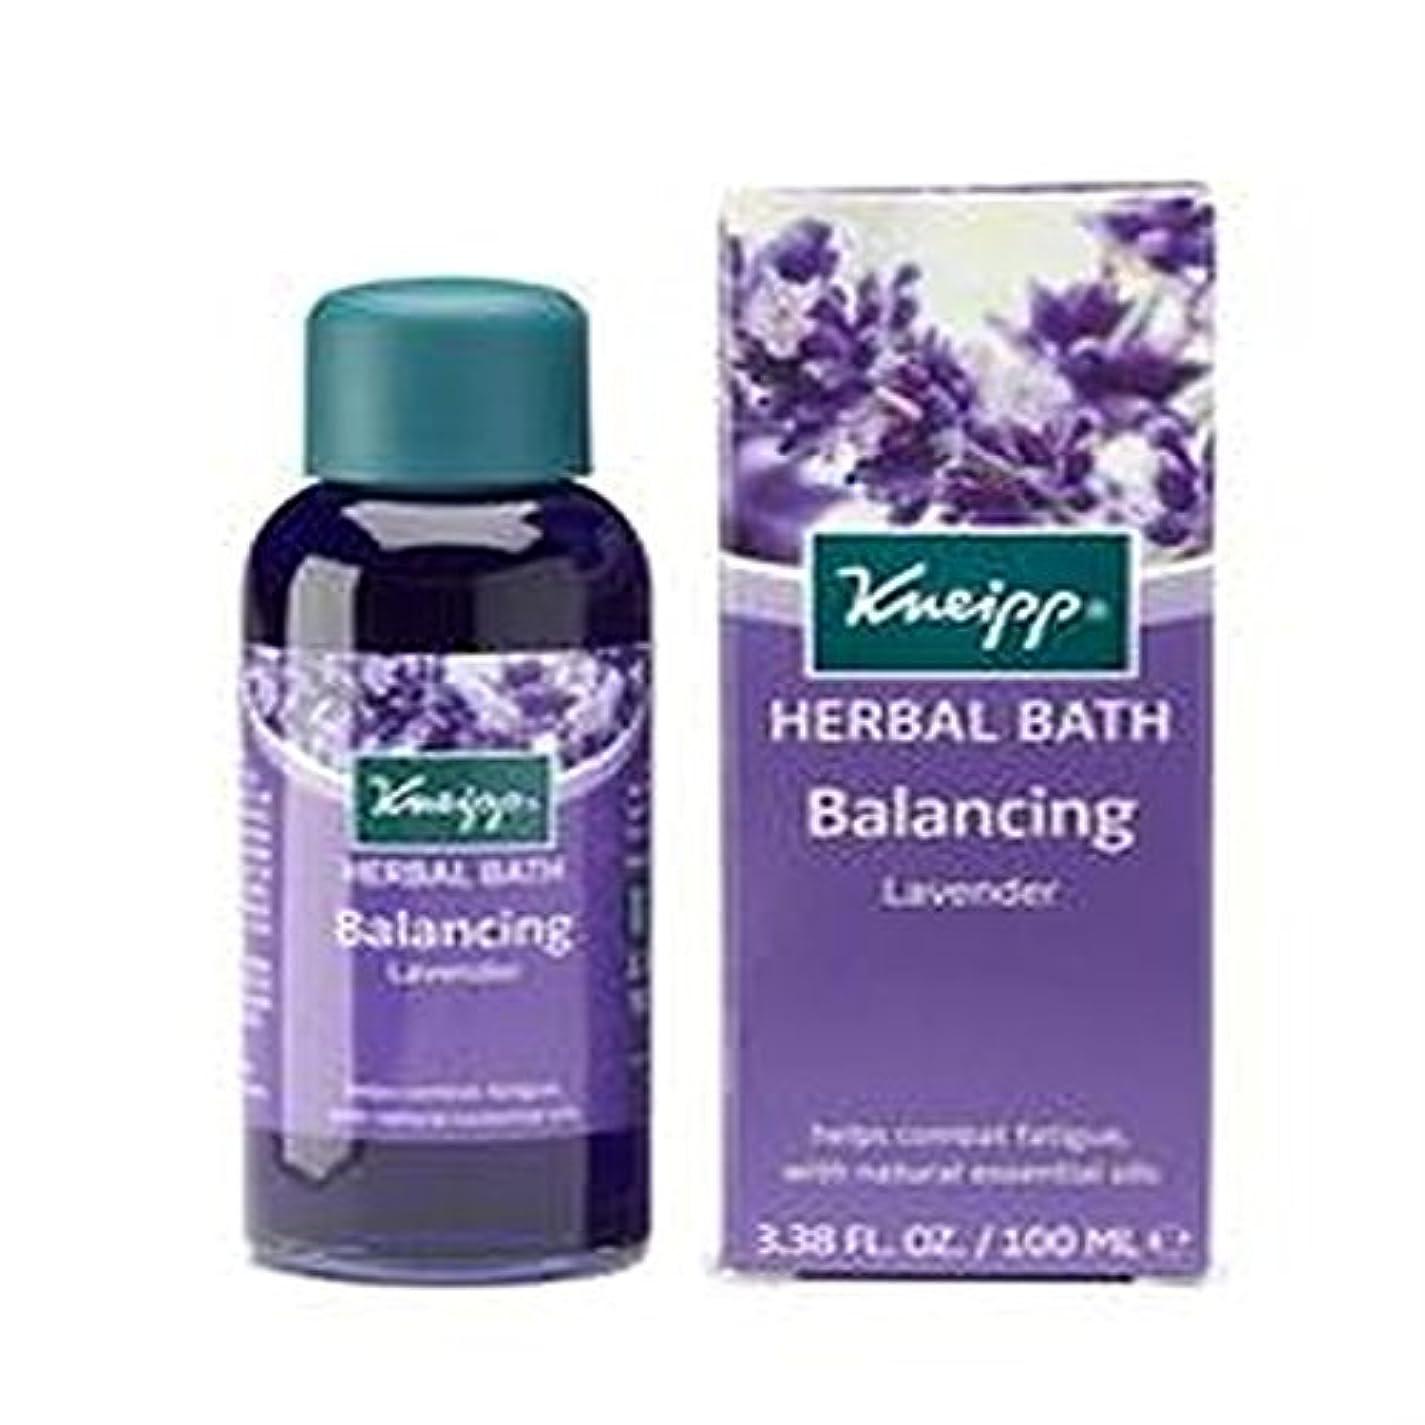 迫害する櫛殺人Kneipp Balancing Lavender Herbal Bath - 3.38 Oz. (並行輸入品) [並行輸入品]